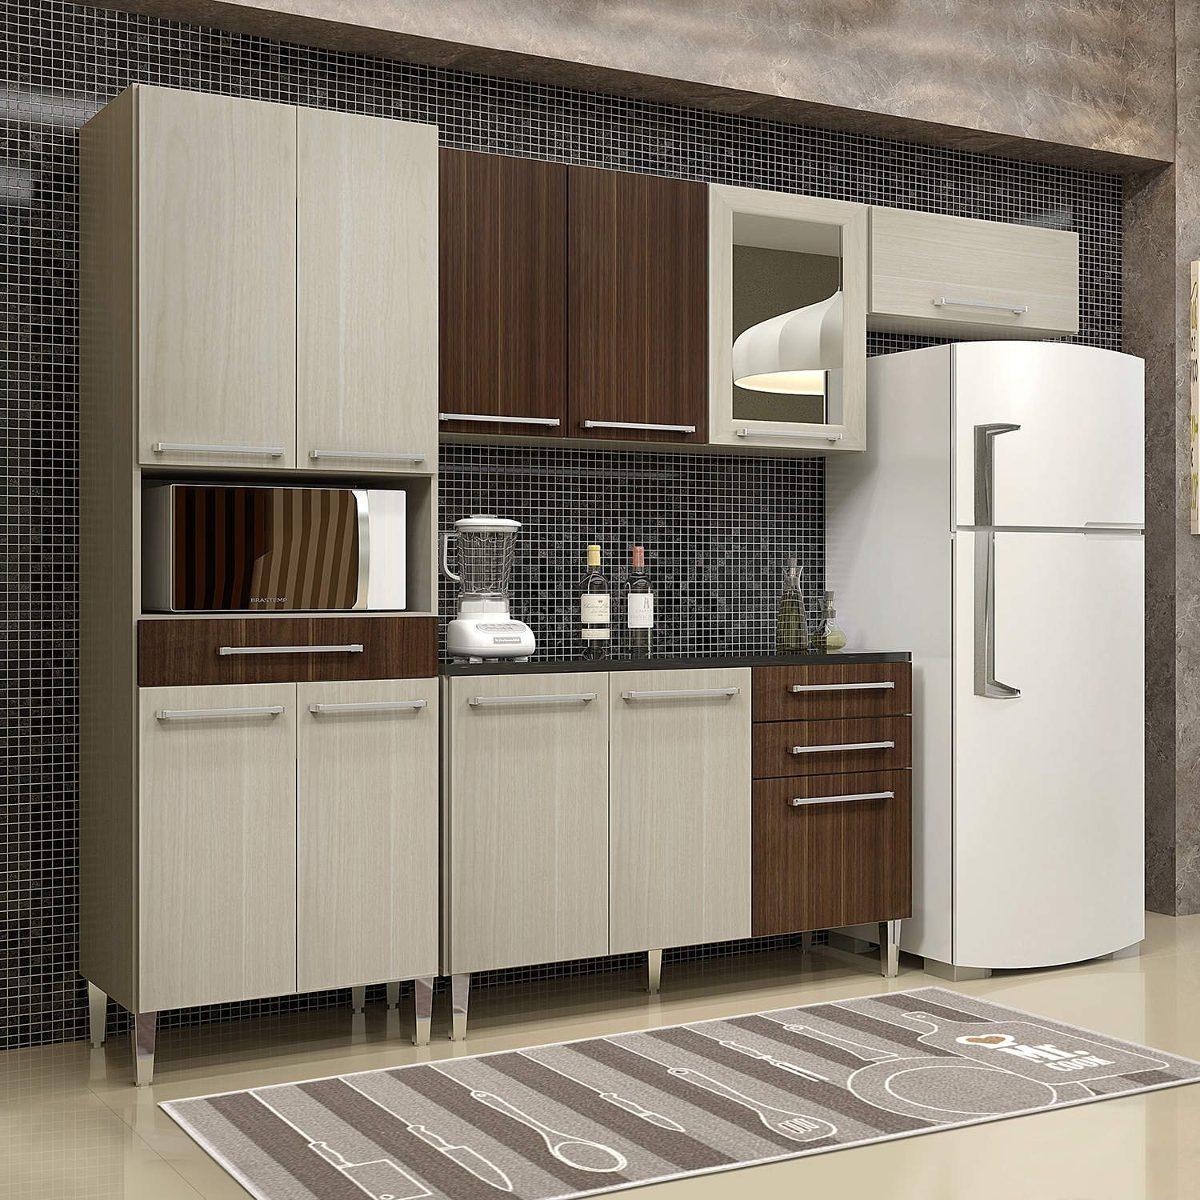 Cozinha Completa 4 Pe As Com Tampo Rubi Chf C R 1 819 90 Em